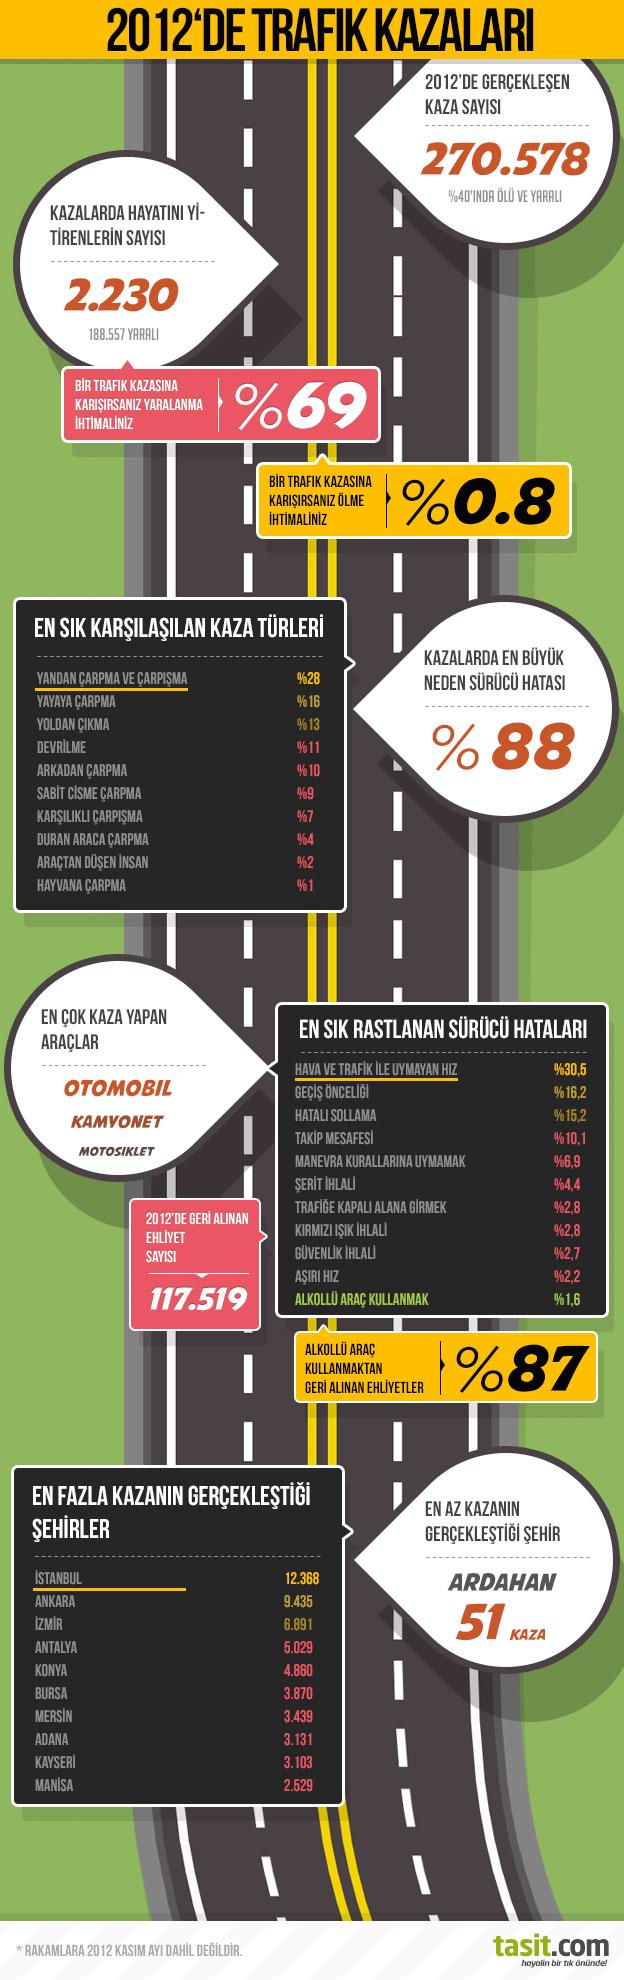 Türkiyede trafik kazalarının sık rastlanan nedenleri istatistikleri infografik Tasit.com